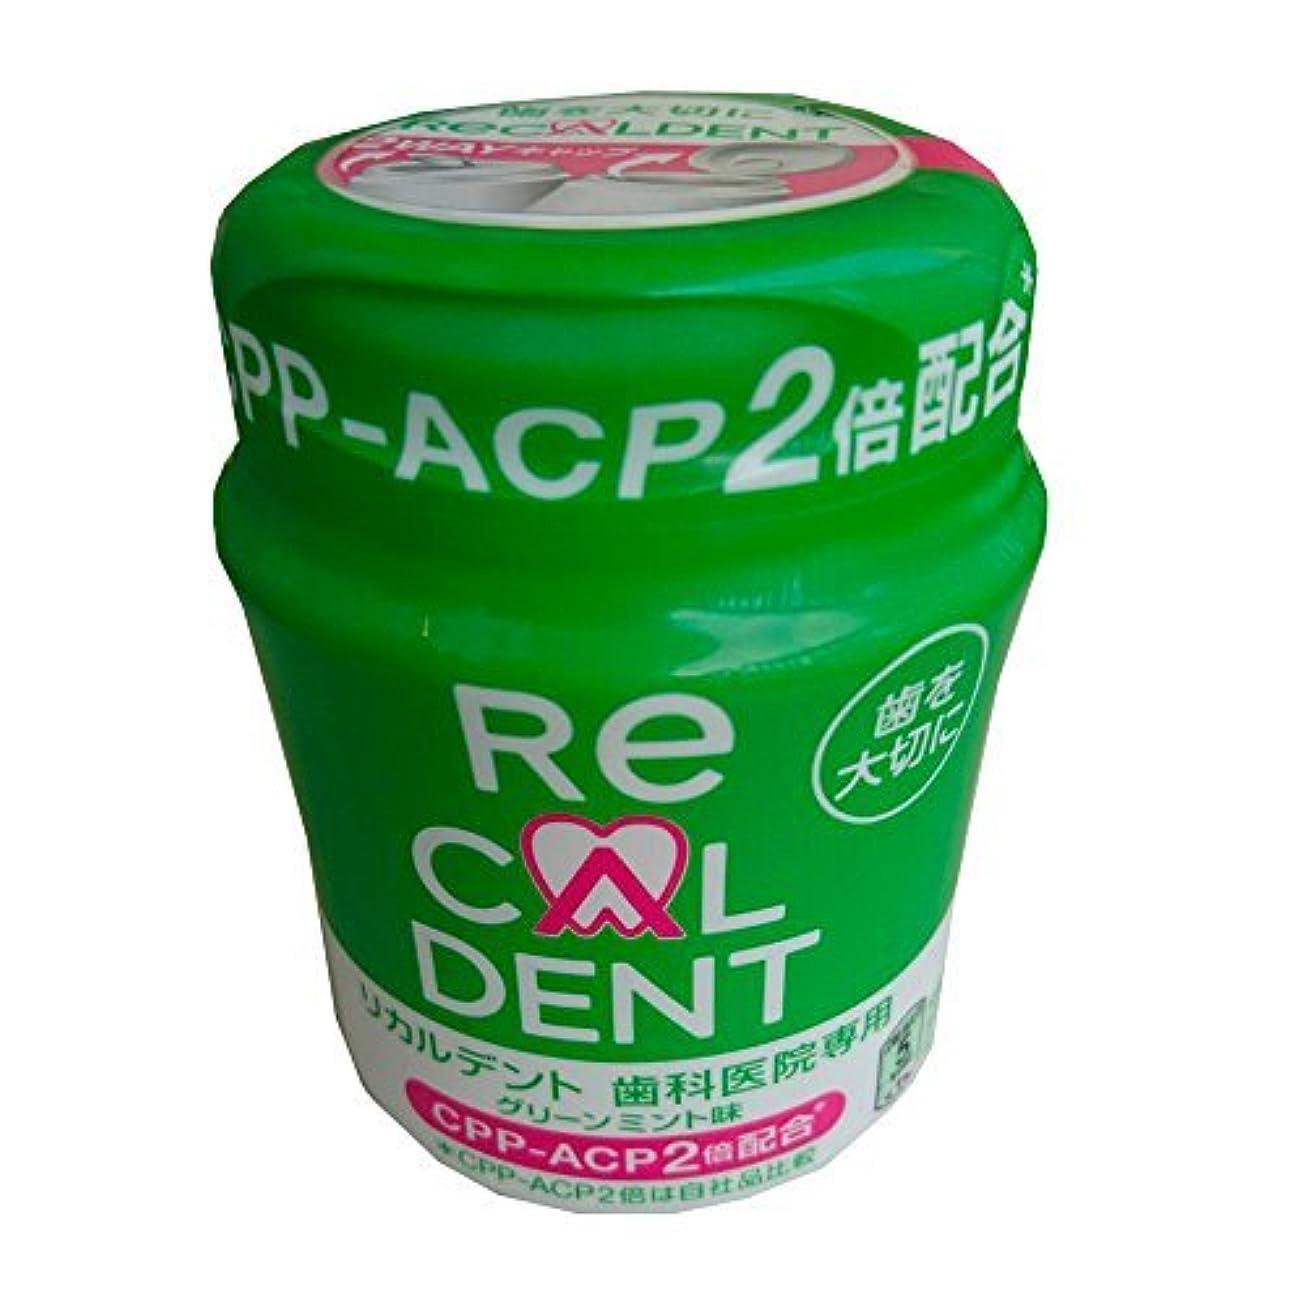 リボンポルノ導入する歯科医院専用 リカルデントガム グリーンミント味 140gボトル 1個